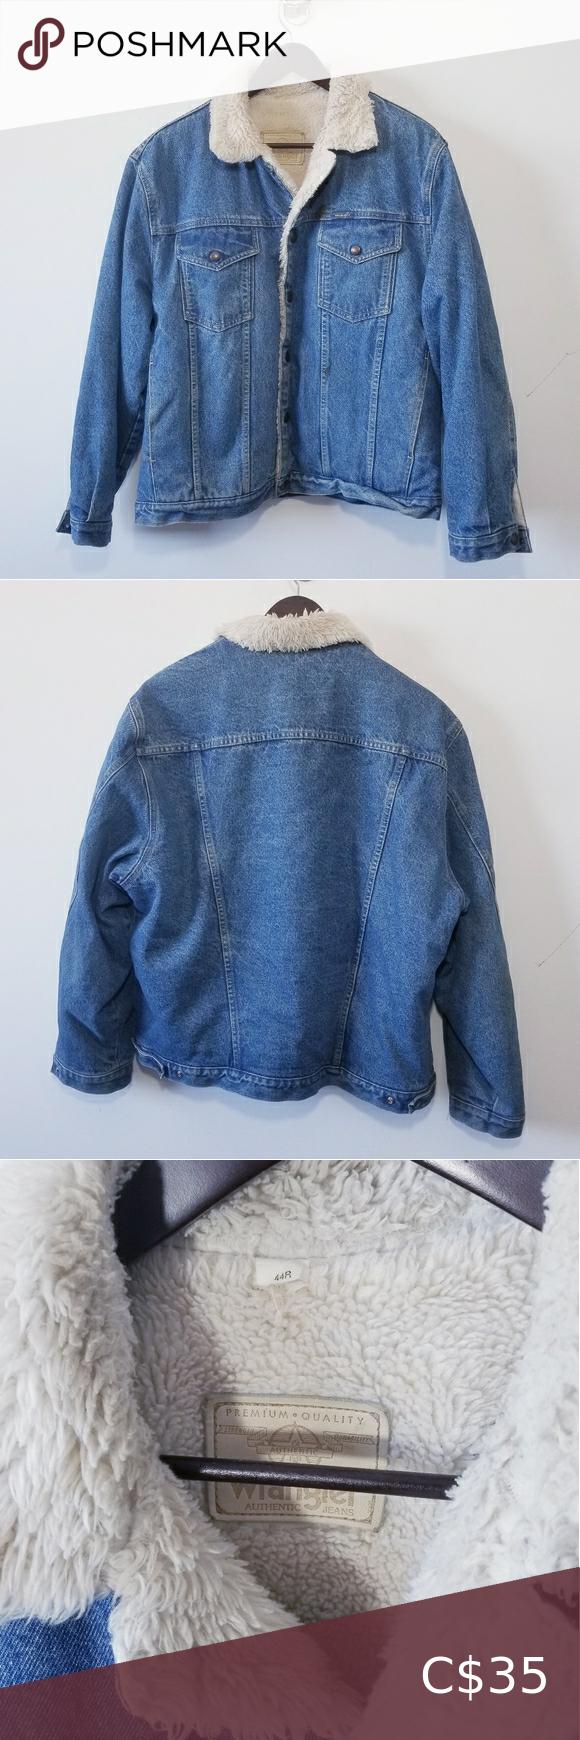 Vintage Wrangler Sherpa Denim Jacket Mens 44r L Vintage Wrangler Sherpa Lined Jacket Men S Size 44 Sherpa Denim Jacket Mens Denim Jacket Sherpa Denim Jacket [ 1740 x 580 Pixel ]